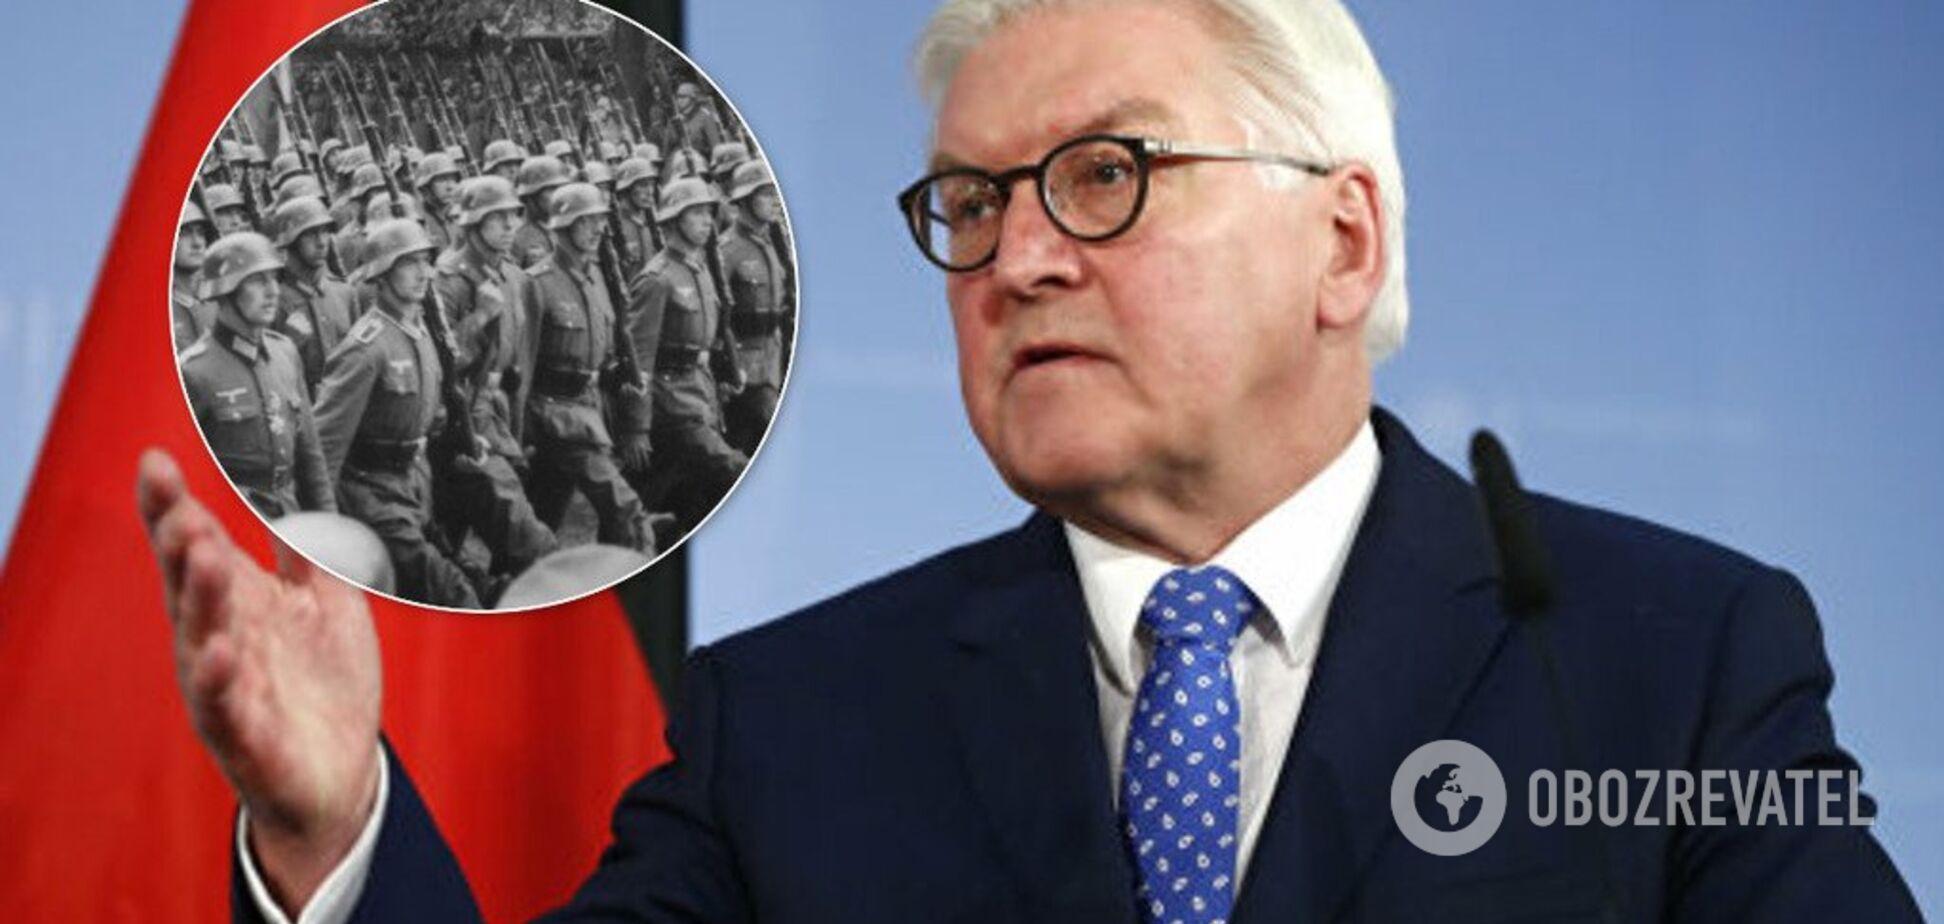 'Цього не можна забути!' Президент Німеччини попросив вибачення у Польщі за Другу світову